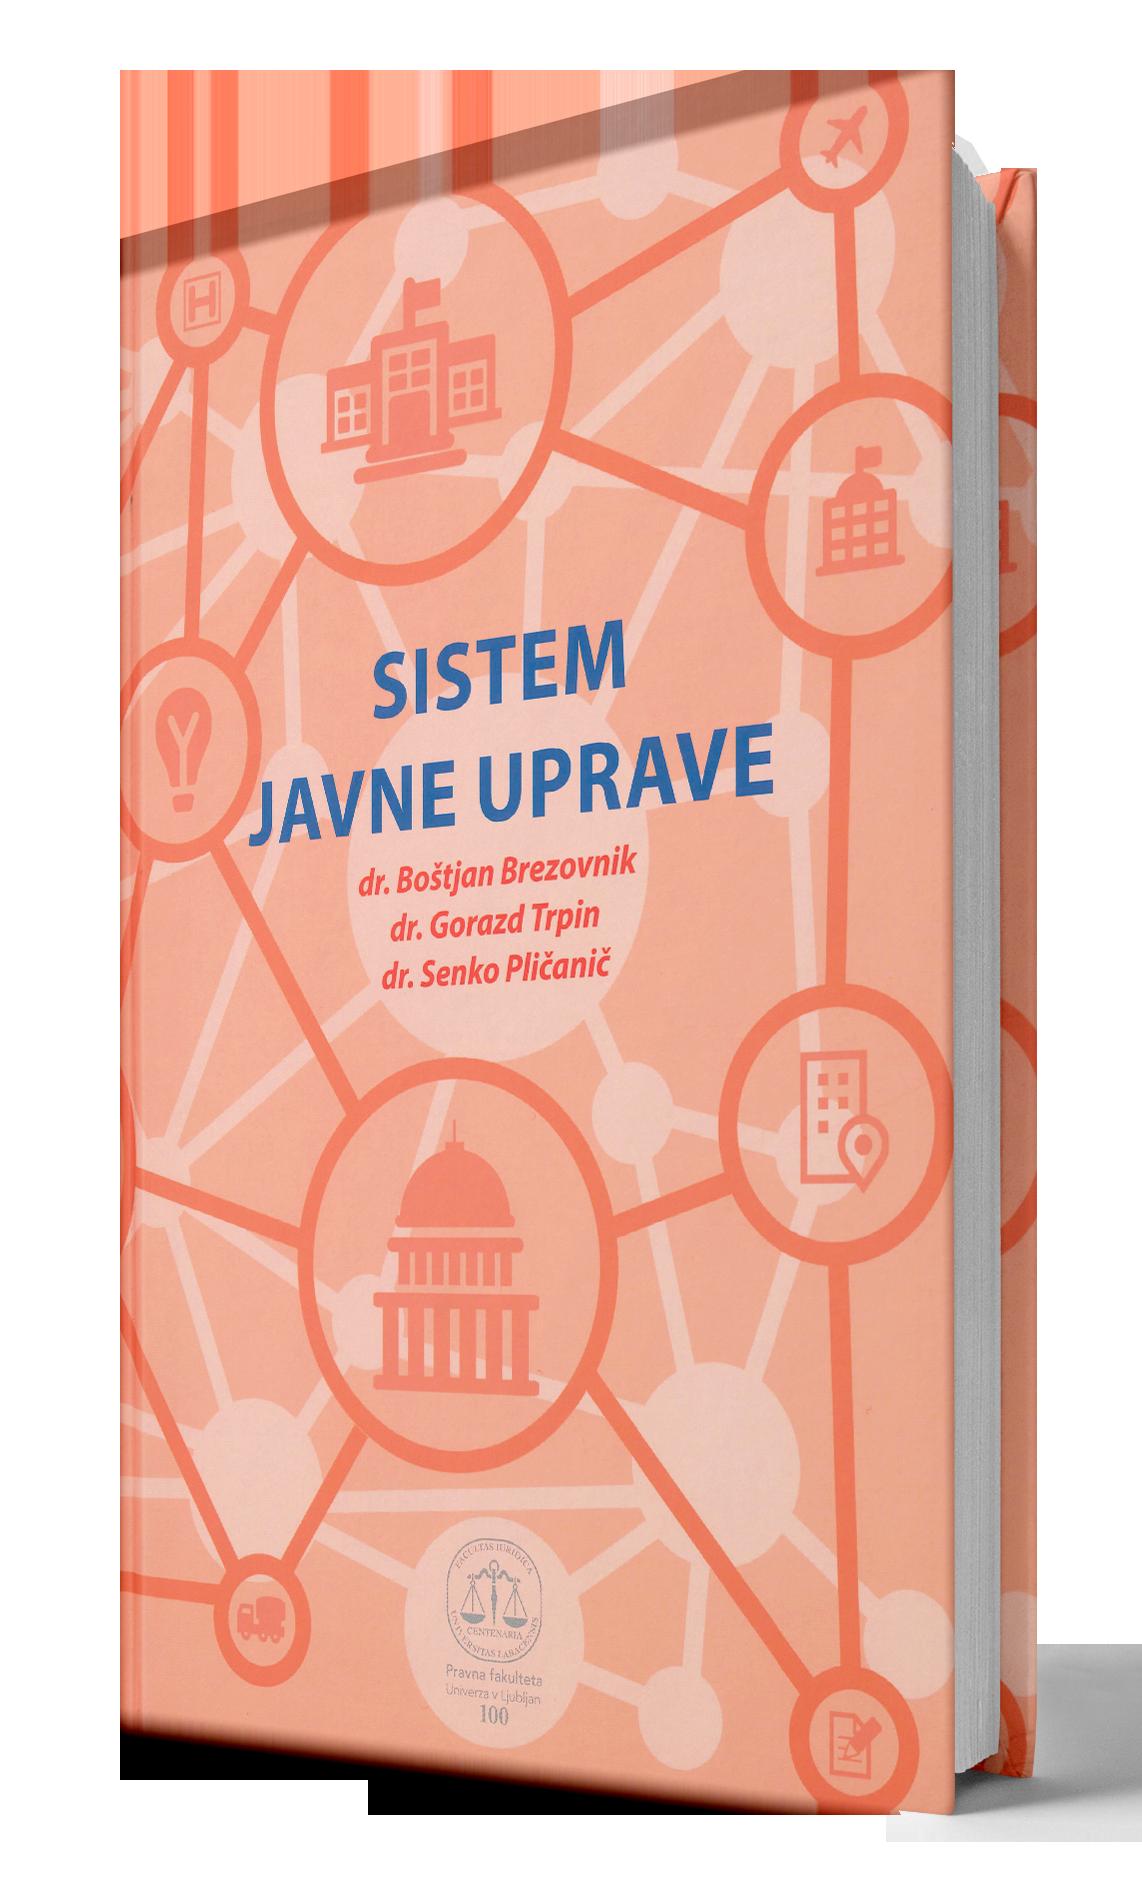 sistem_javne_uprave_png